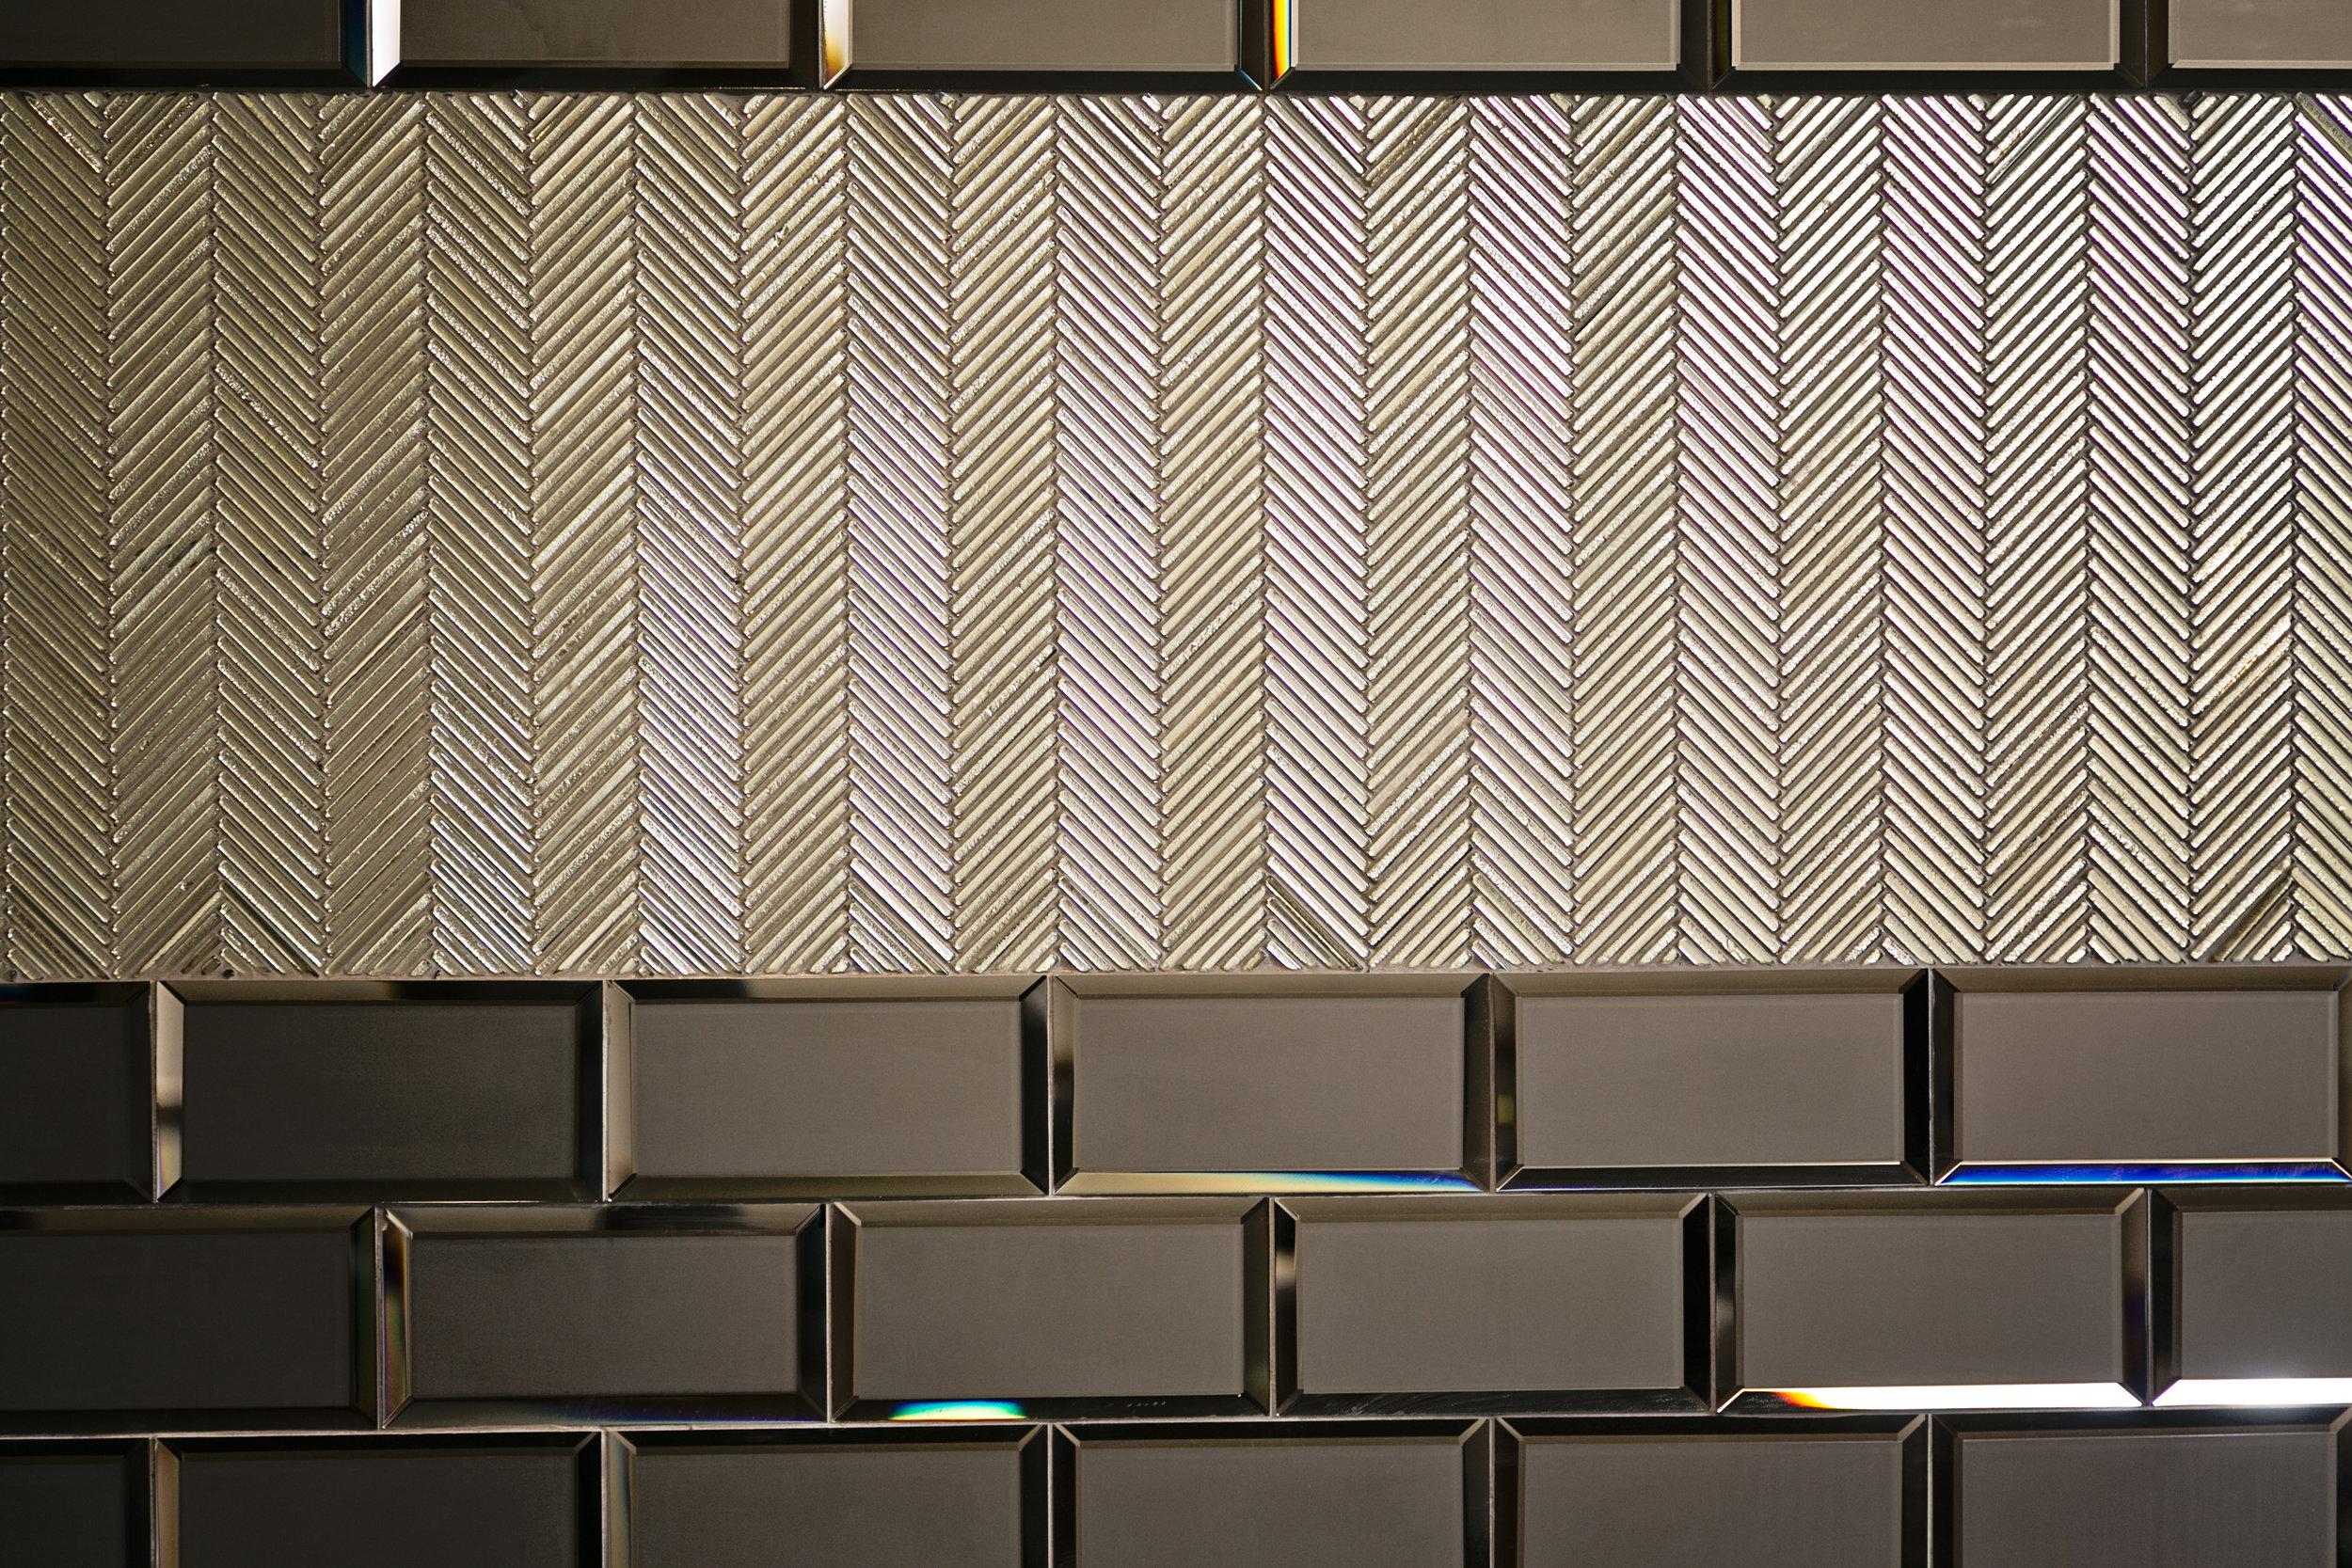 glam tile detail_ custom home theater